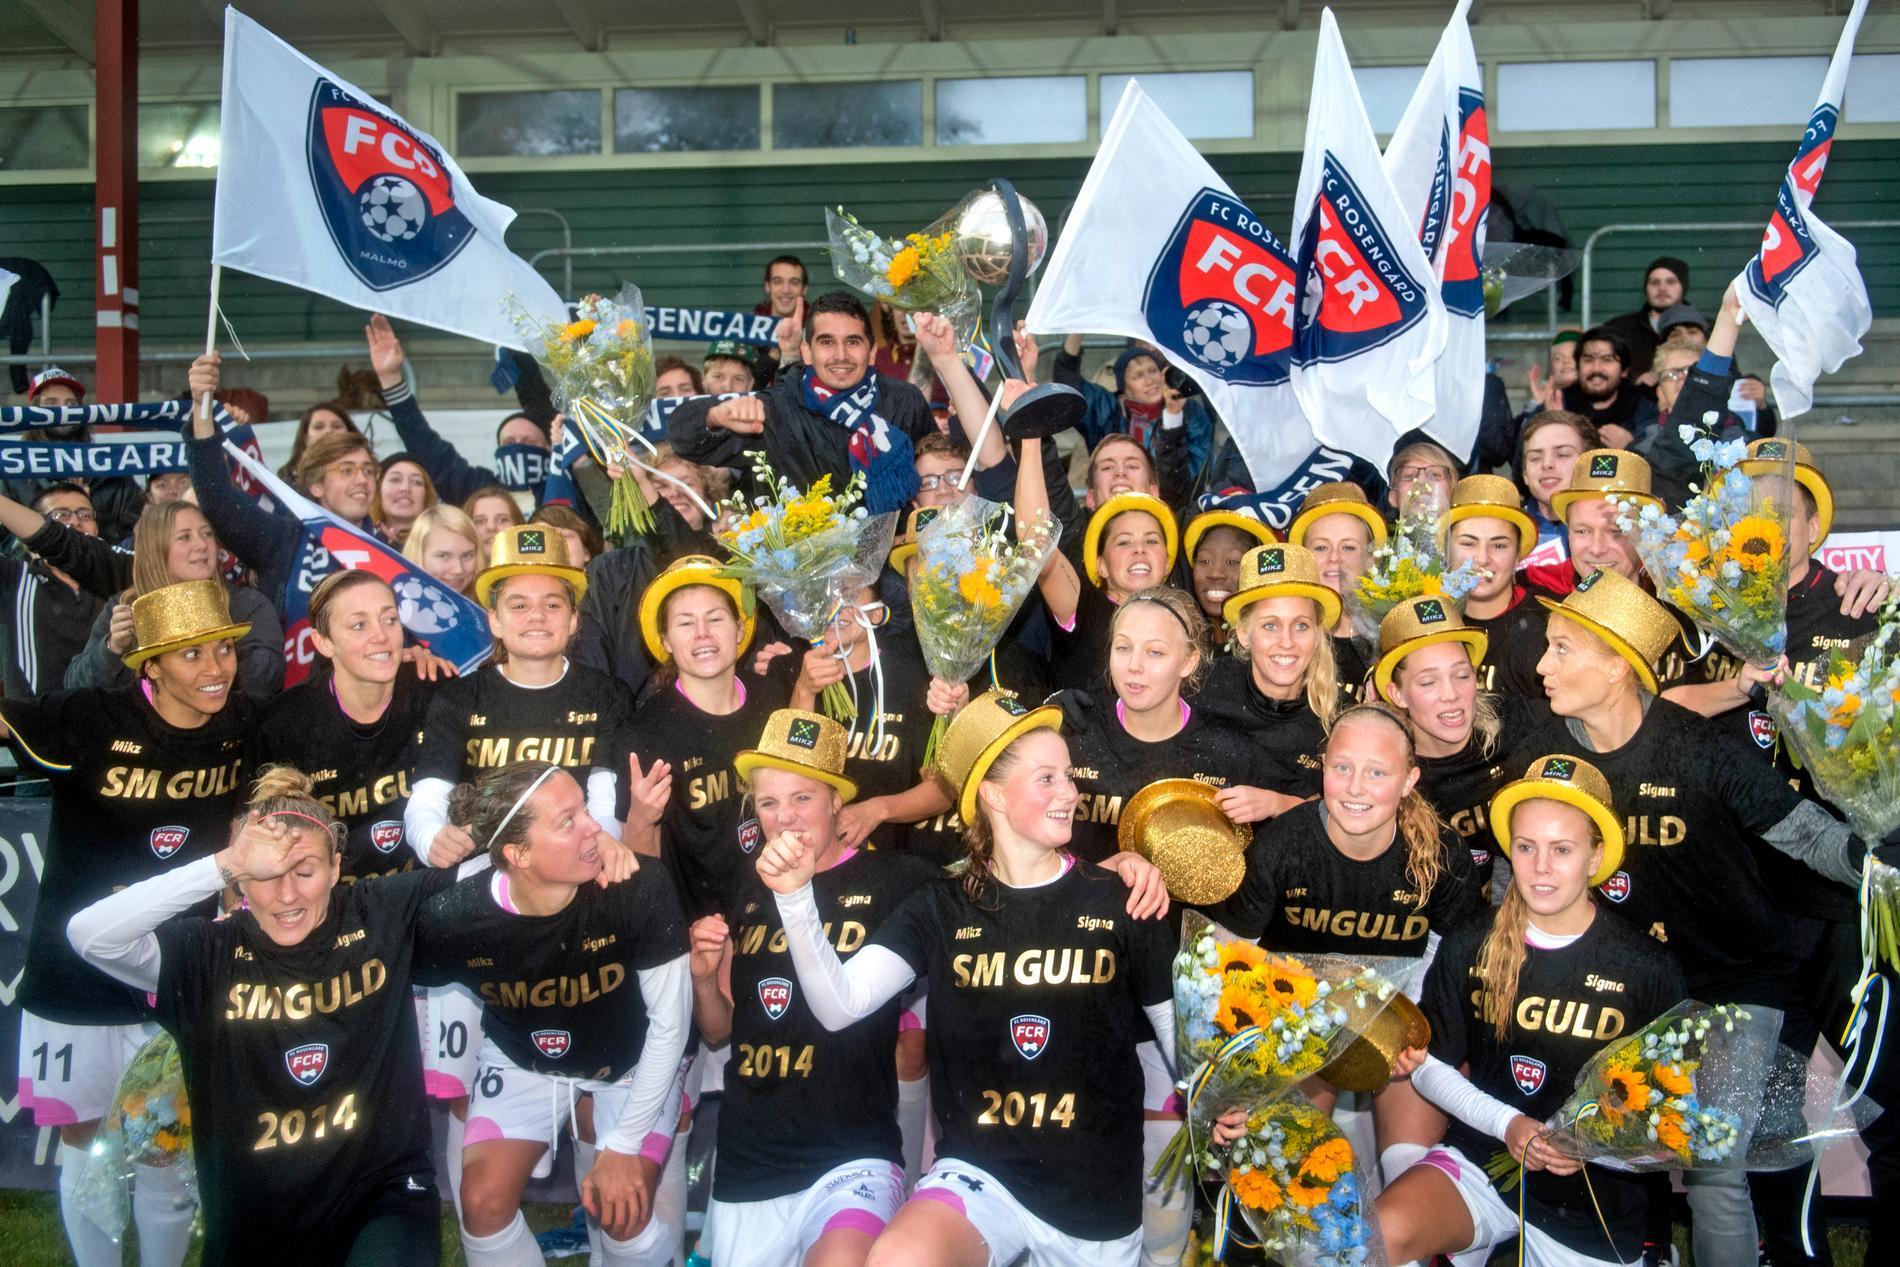 Rosengårds spelare firar SM-guldet 2014.